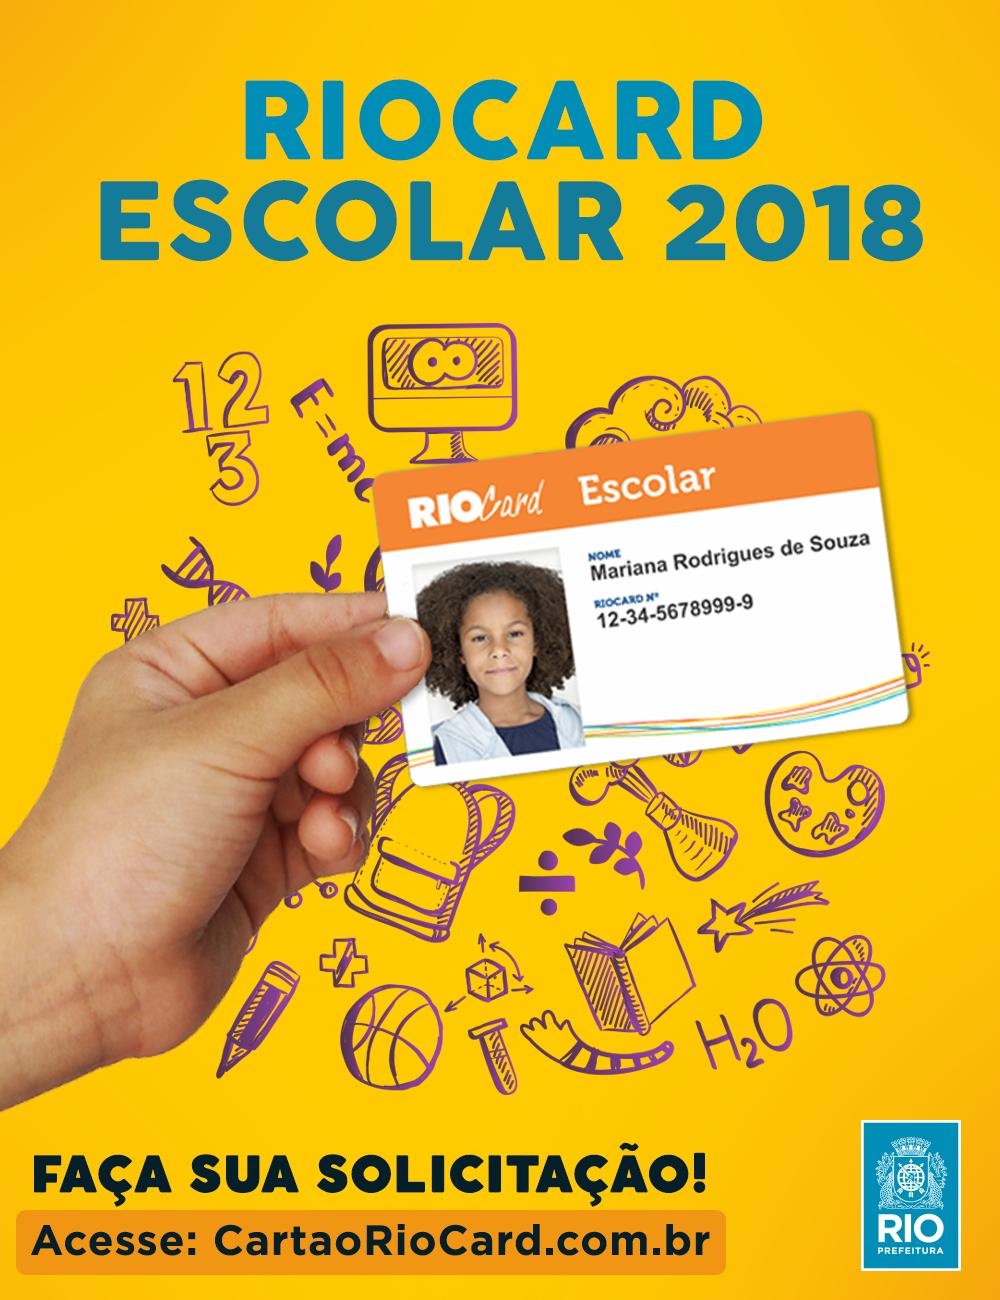 Alunos da rede pública de ensino já podem pedir RioCard Escolar 2018